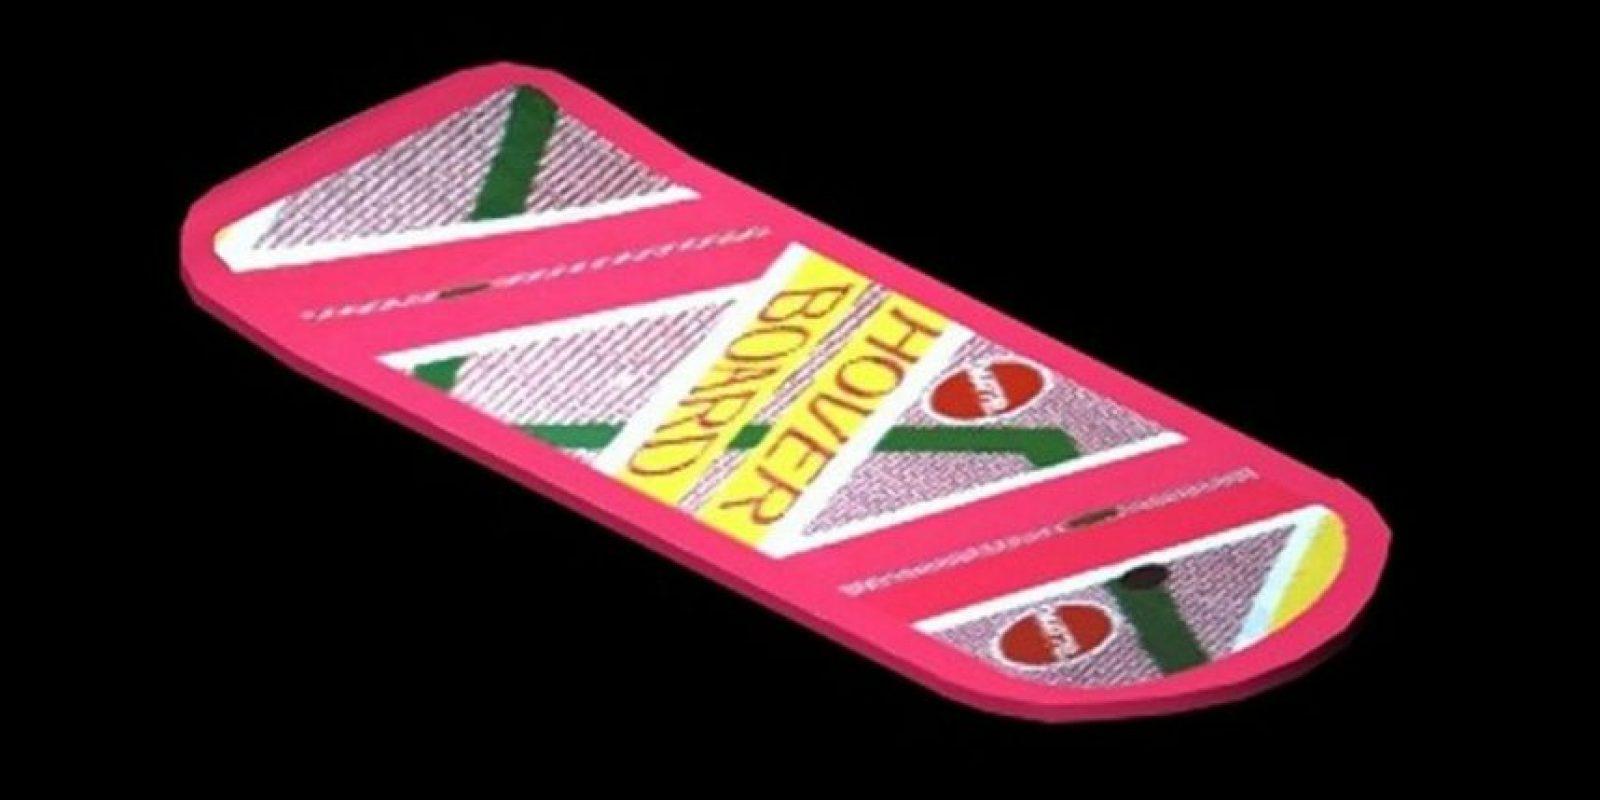 Dicen que las tablas deslizadoras no son seguras. Foto:Mattel